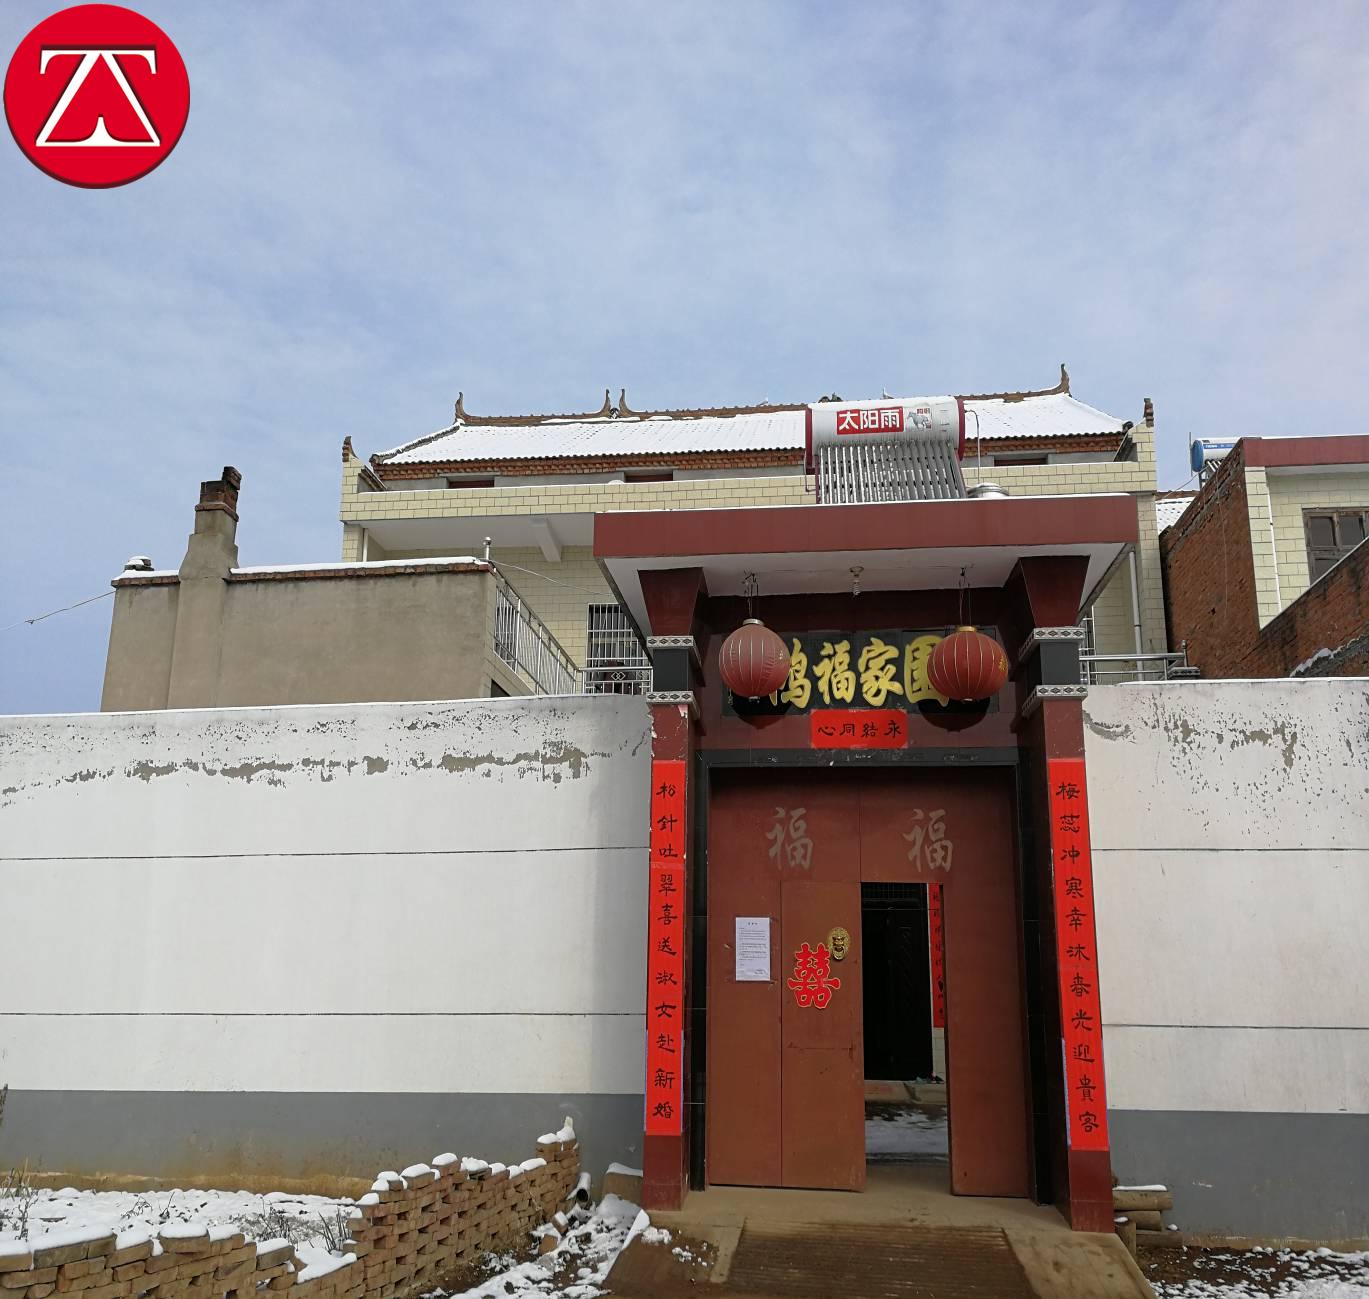 陕西省西安市蓝田县前卫镇建筑安全性鉴定